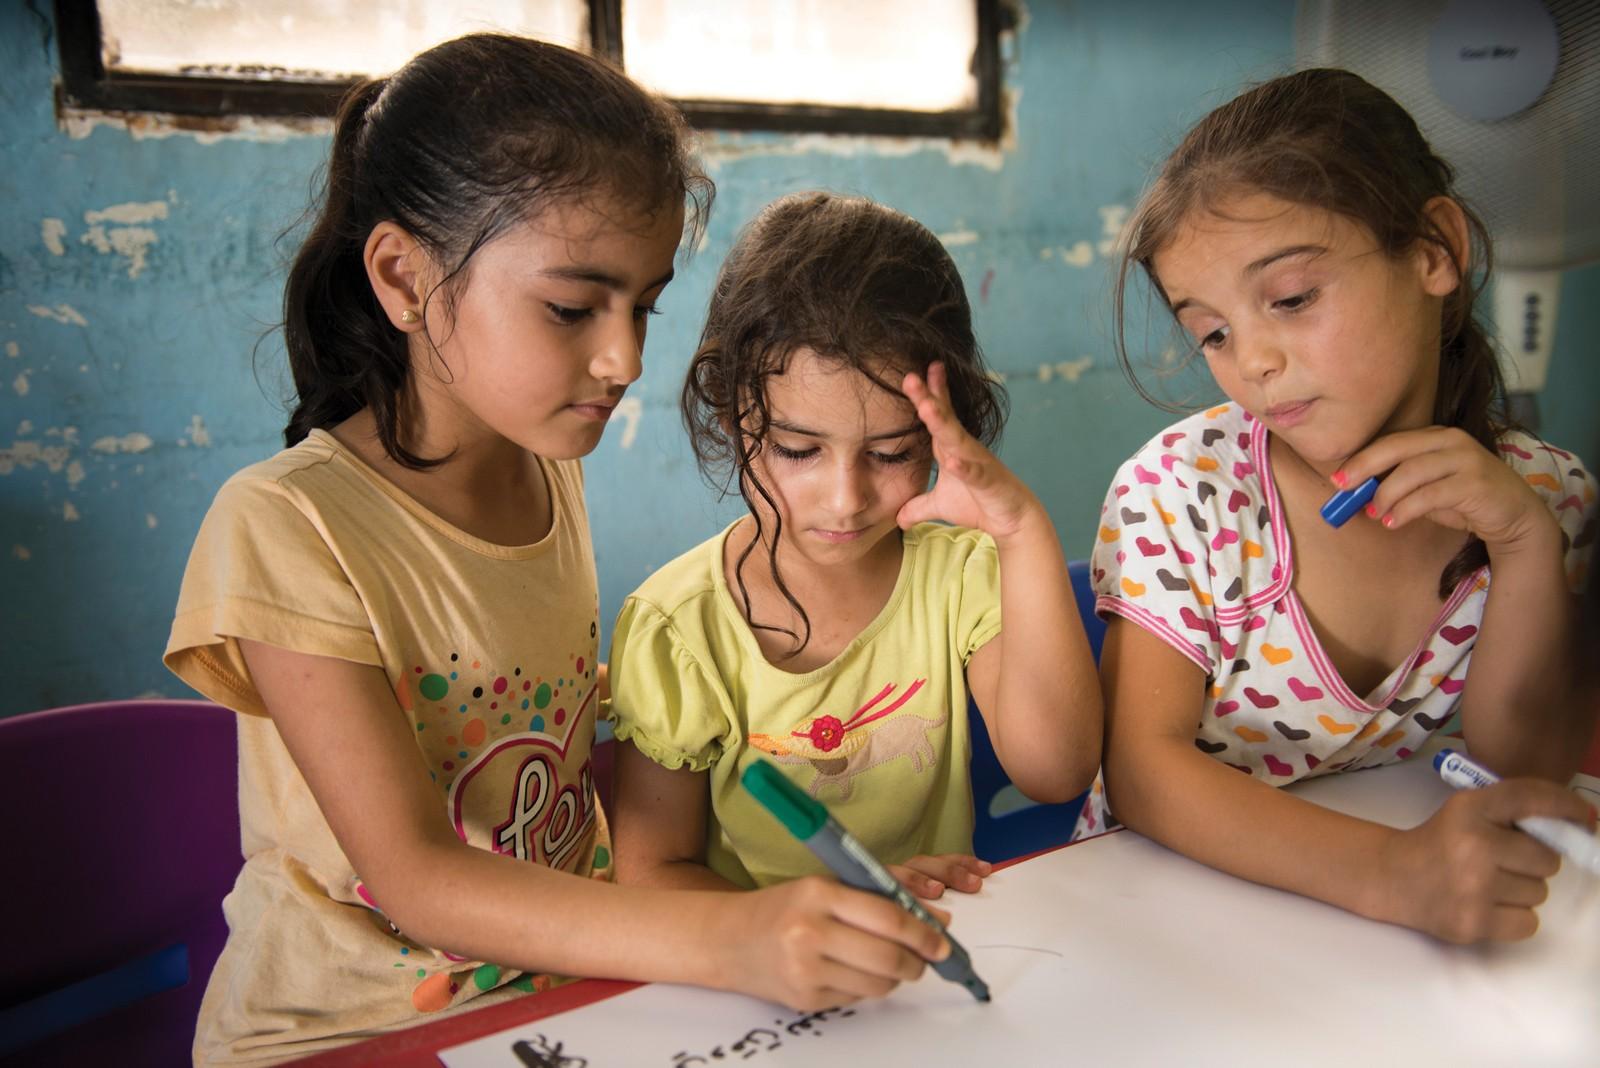 Mangel på tilgang til utdanning er et stort problem. 700.000 syriske flyktningbarn i regionen går ikke på skole. - Det handler om å sørge for at tilstrekkelig finansiering til barnerettede tiltak. Det gis ikke nok penger til å dekke alle behovene som er. Skole og beskyttelse for barn er ikke er godt nok finansiert. Organisasjoner som oss gjør mye i dag, men det trengs mer penger til barnerettede tiltak for å fylle de enorme behovene, sier Hegna.